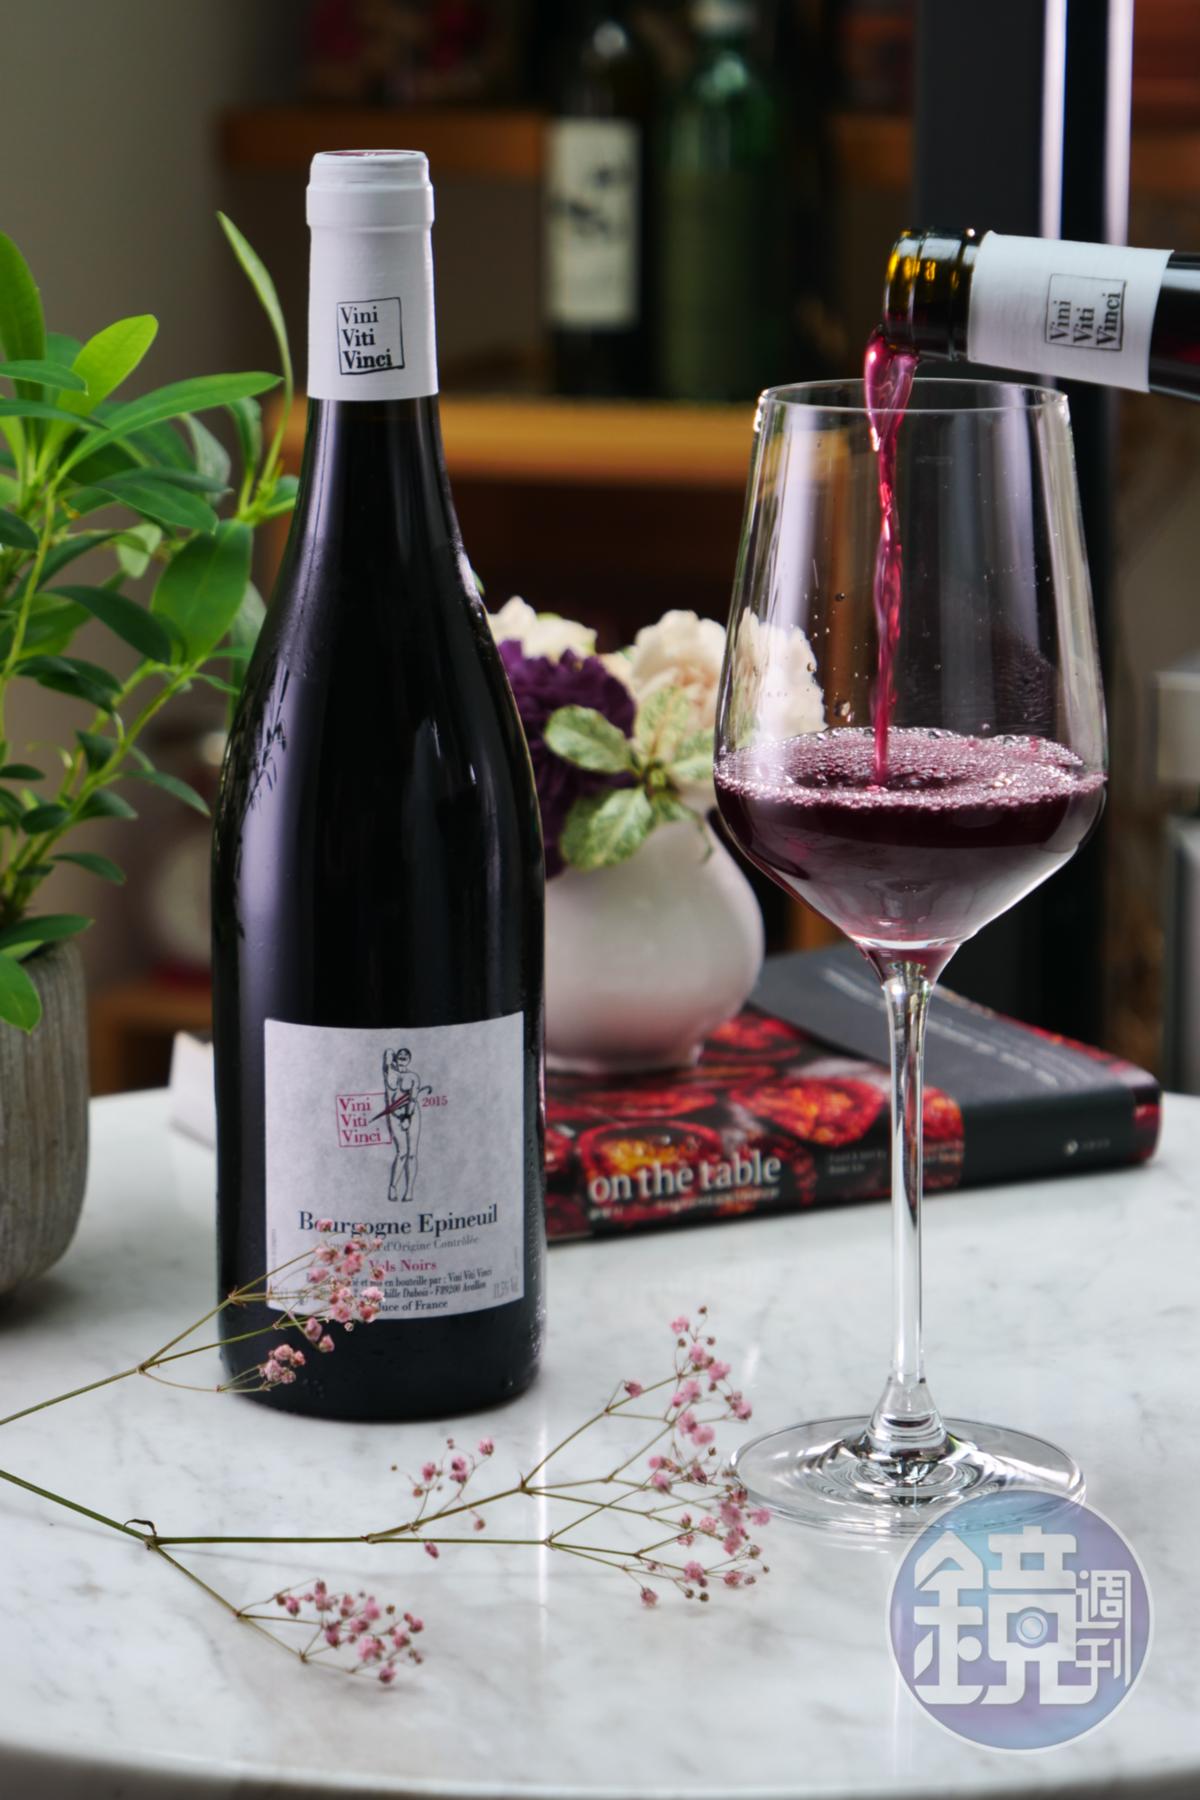 酒標幽默快樂的「Bourgogne Epineuil 2015, Vini Viti Vinci」,開瓶即飲,有鮮明酸味,直接、快樂,給人無拘束的自在感,符合自然酒充滿可能的想像力。(旭宣葡萄酒,1,200元/瓶)